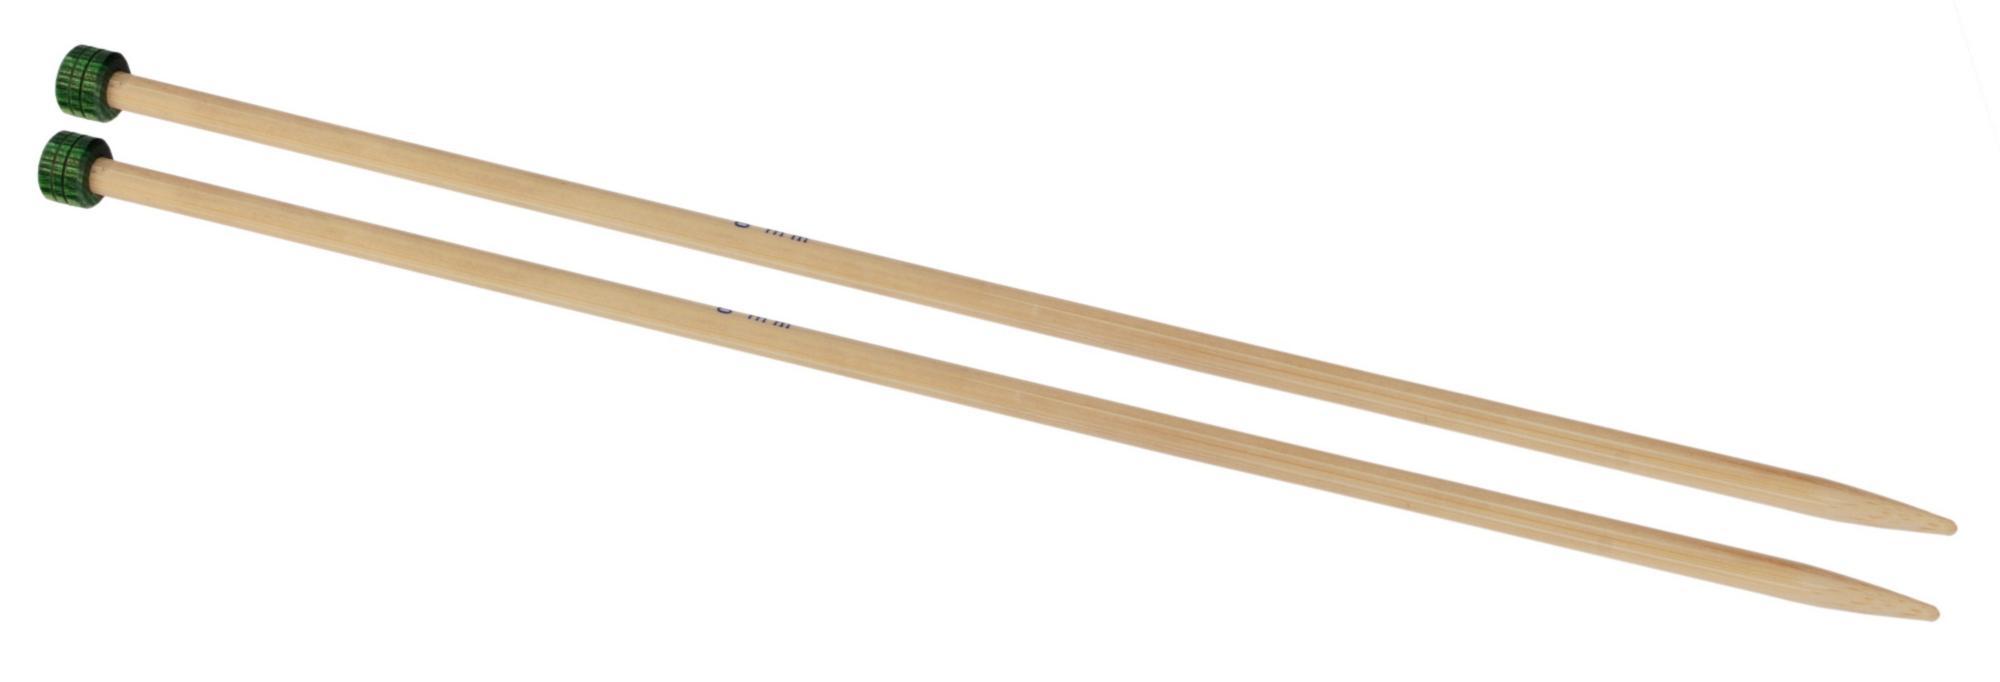 Спицы прямые 25 см Bamboo KnitPro, 22308, 4.50 мм